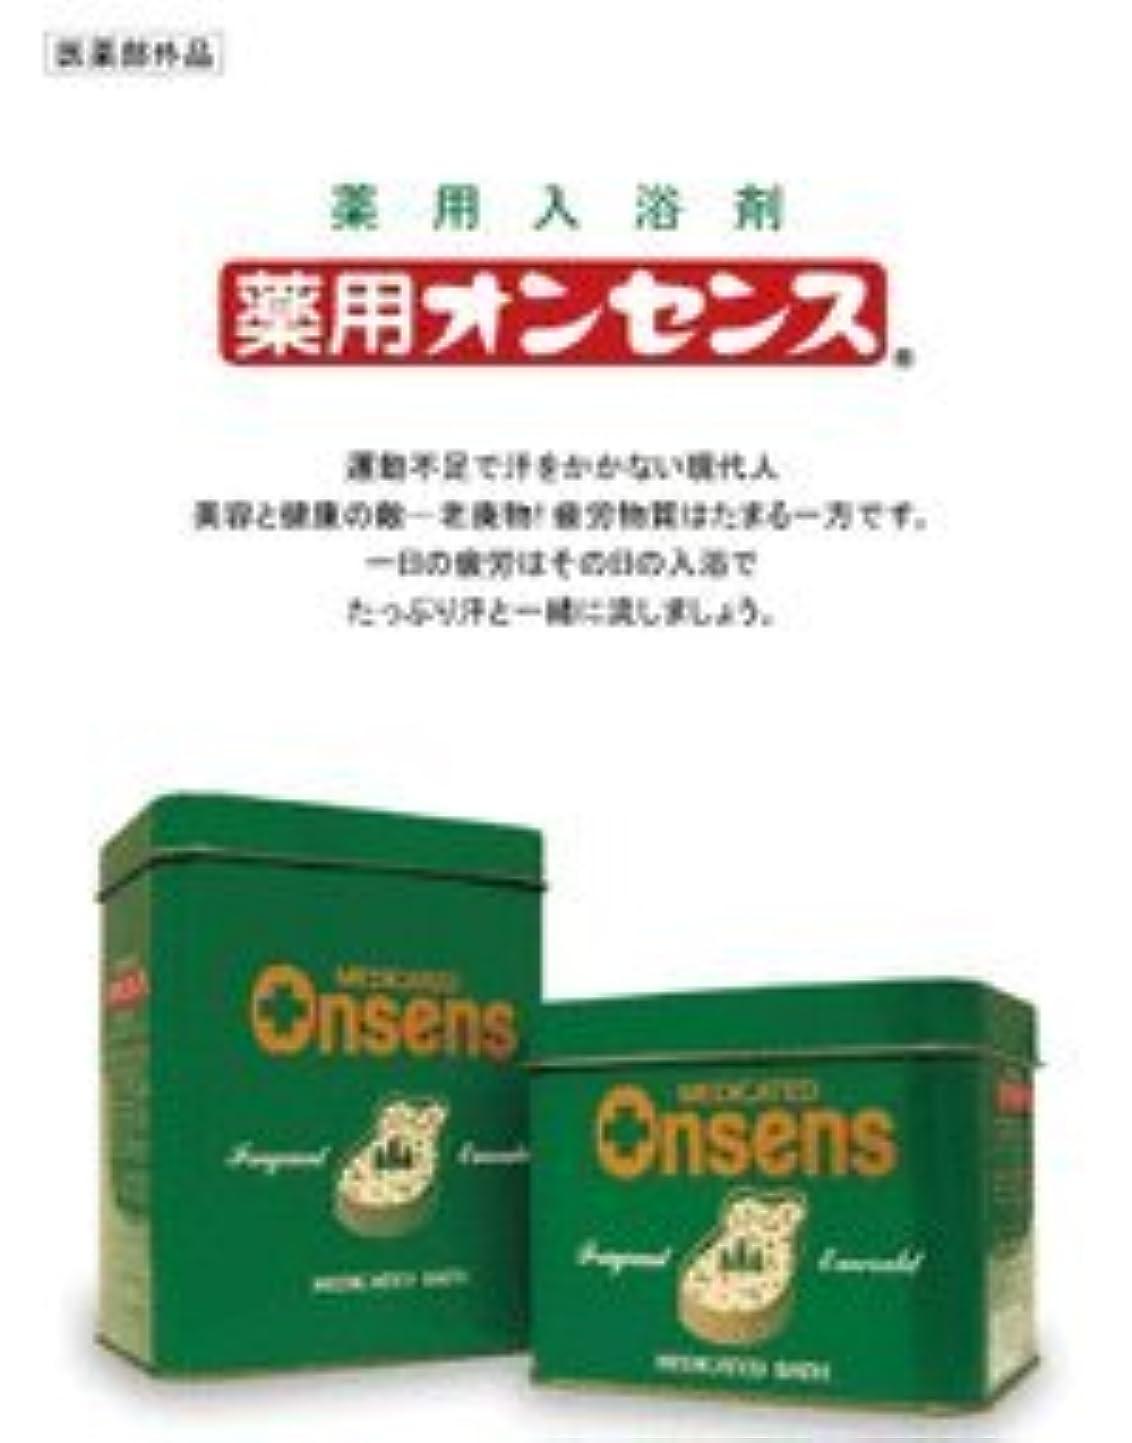 甘い安価な舌な薬用オンセンス 1.4kg缶 薬用入浴剤 松葉エキス(松柏科植物の製油) 入浴剤 医薬部外品